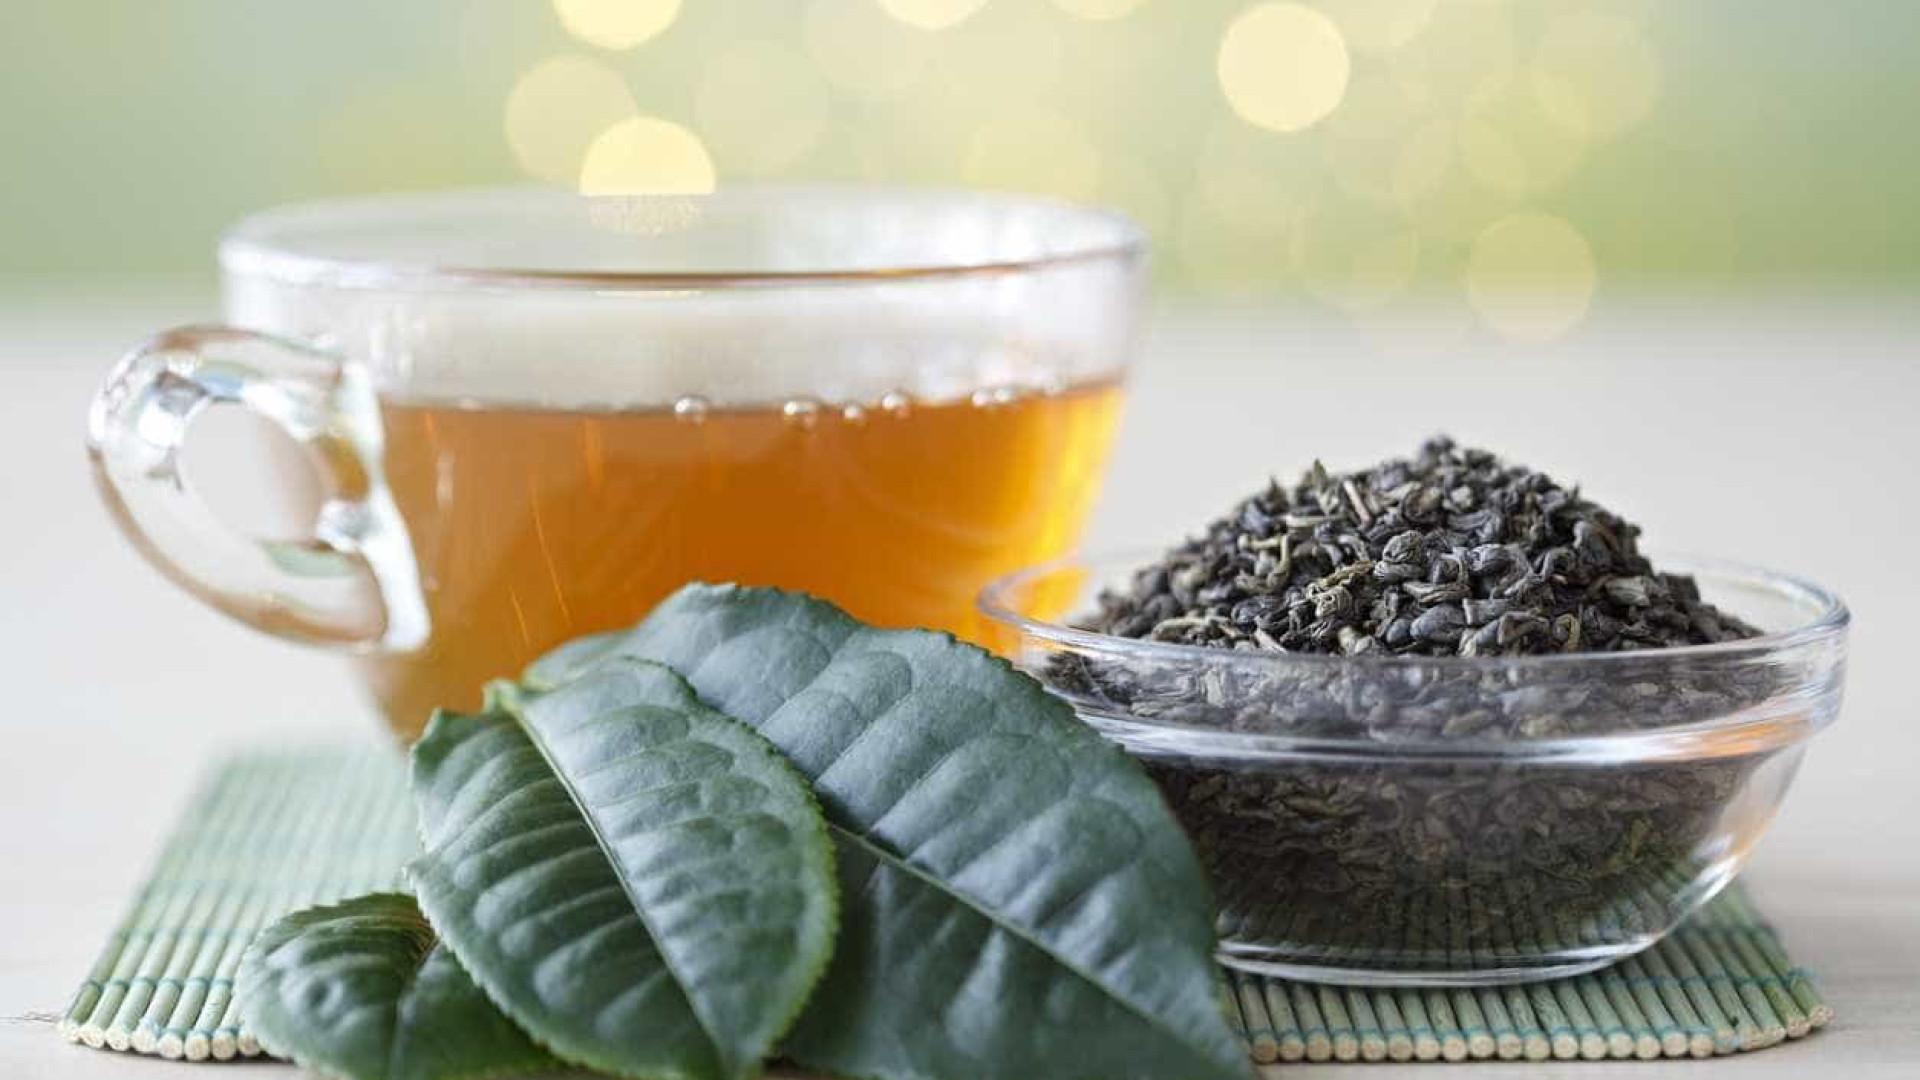 Beber chá diariamente pode reduzir risco de Alzheimer, aponta estudo